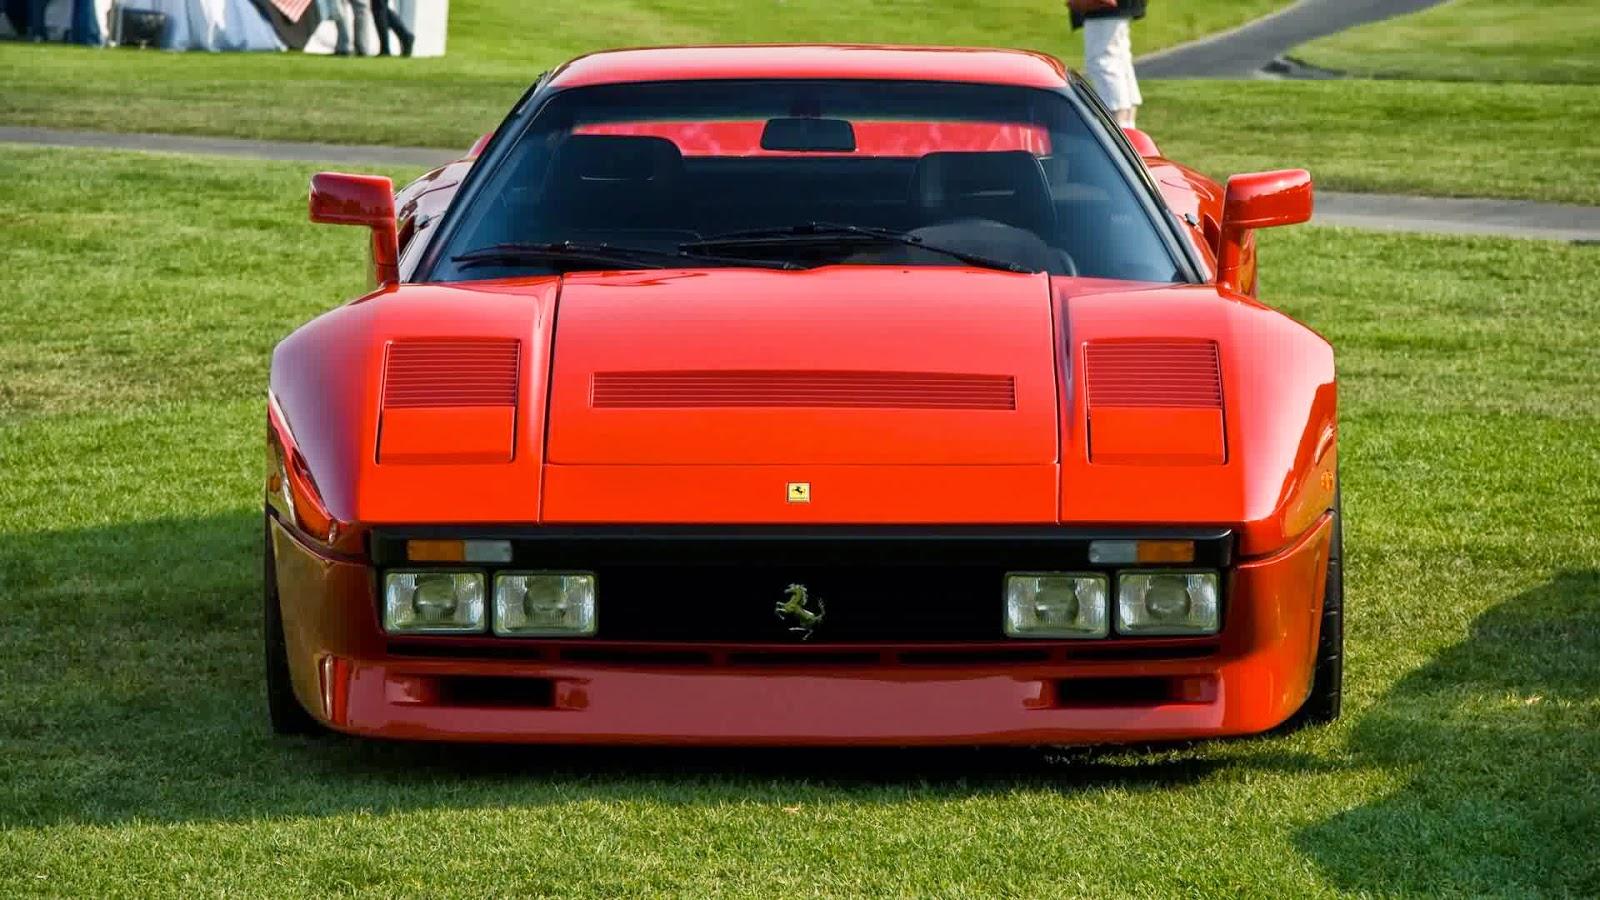 Ferrari cars